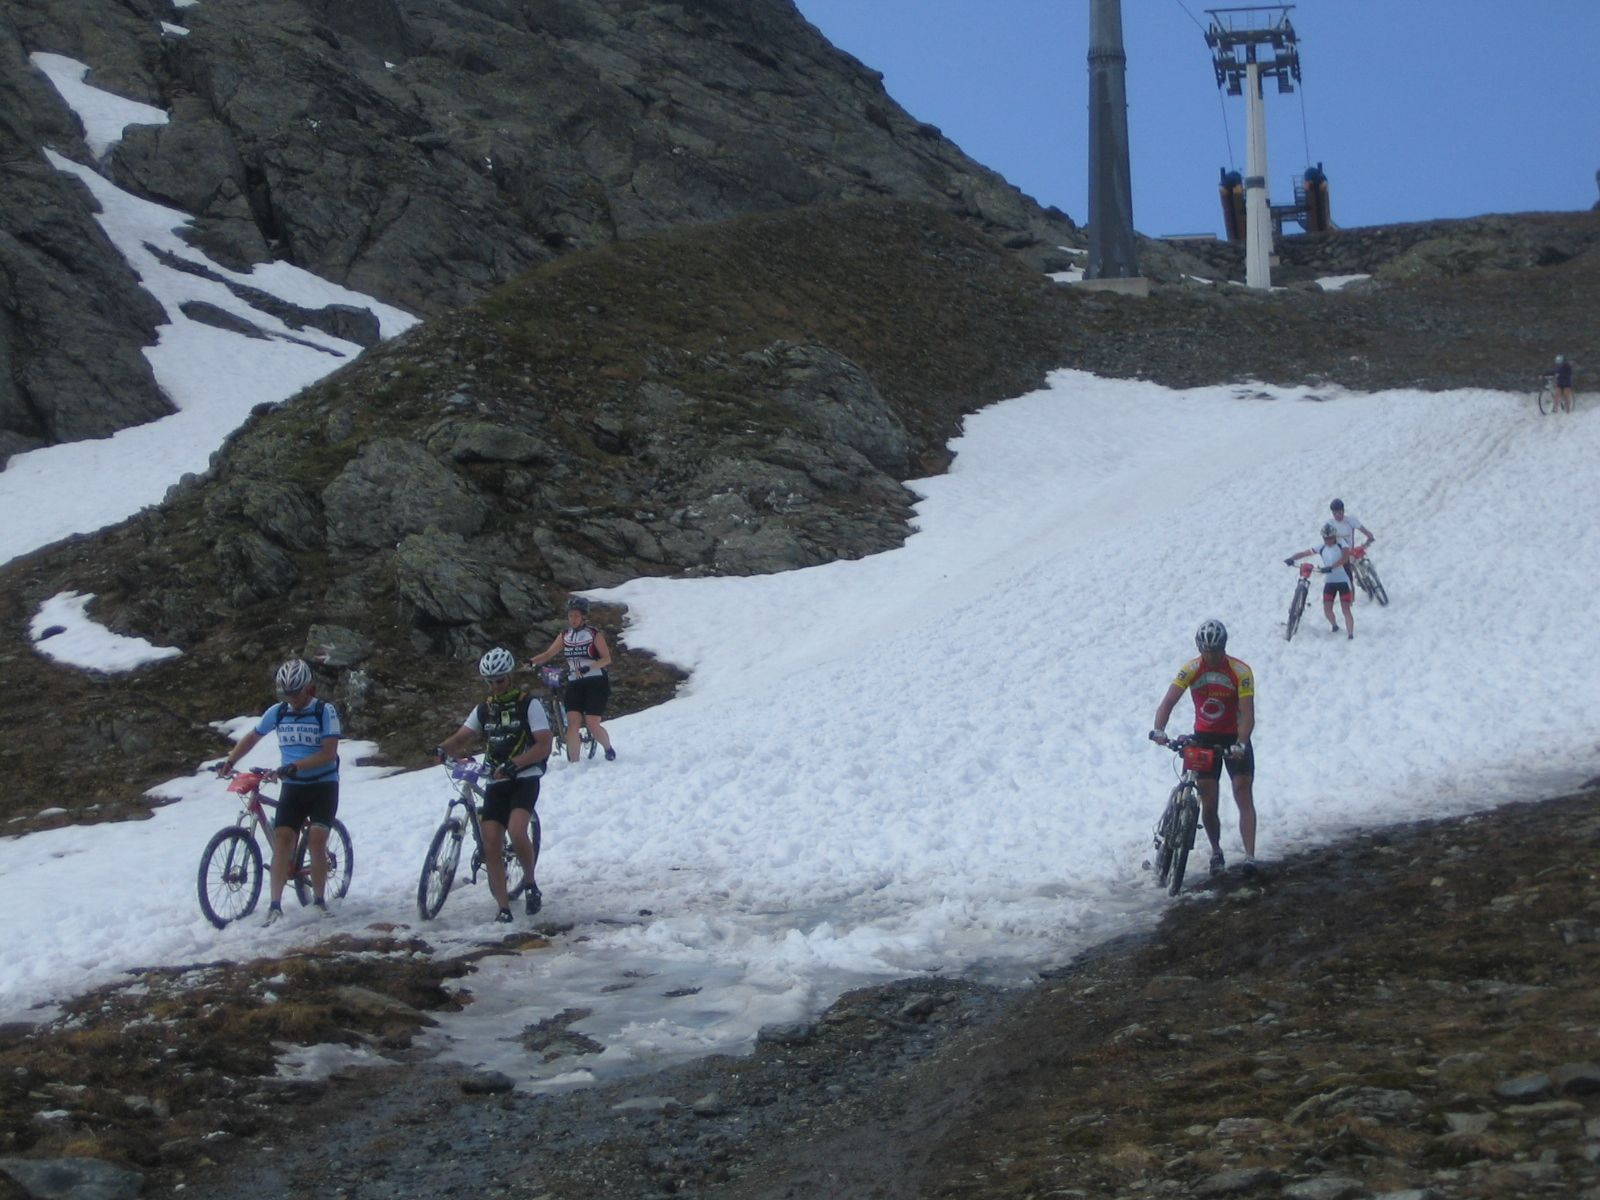 Abkühlung im Schneefeld